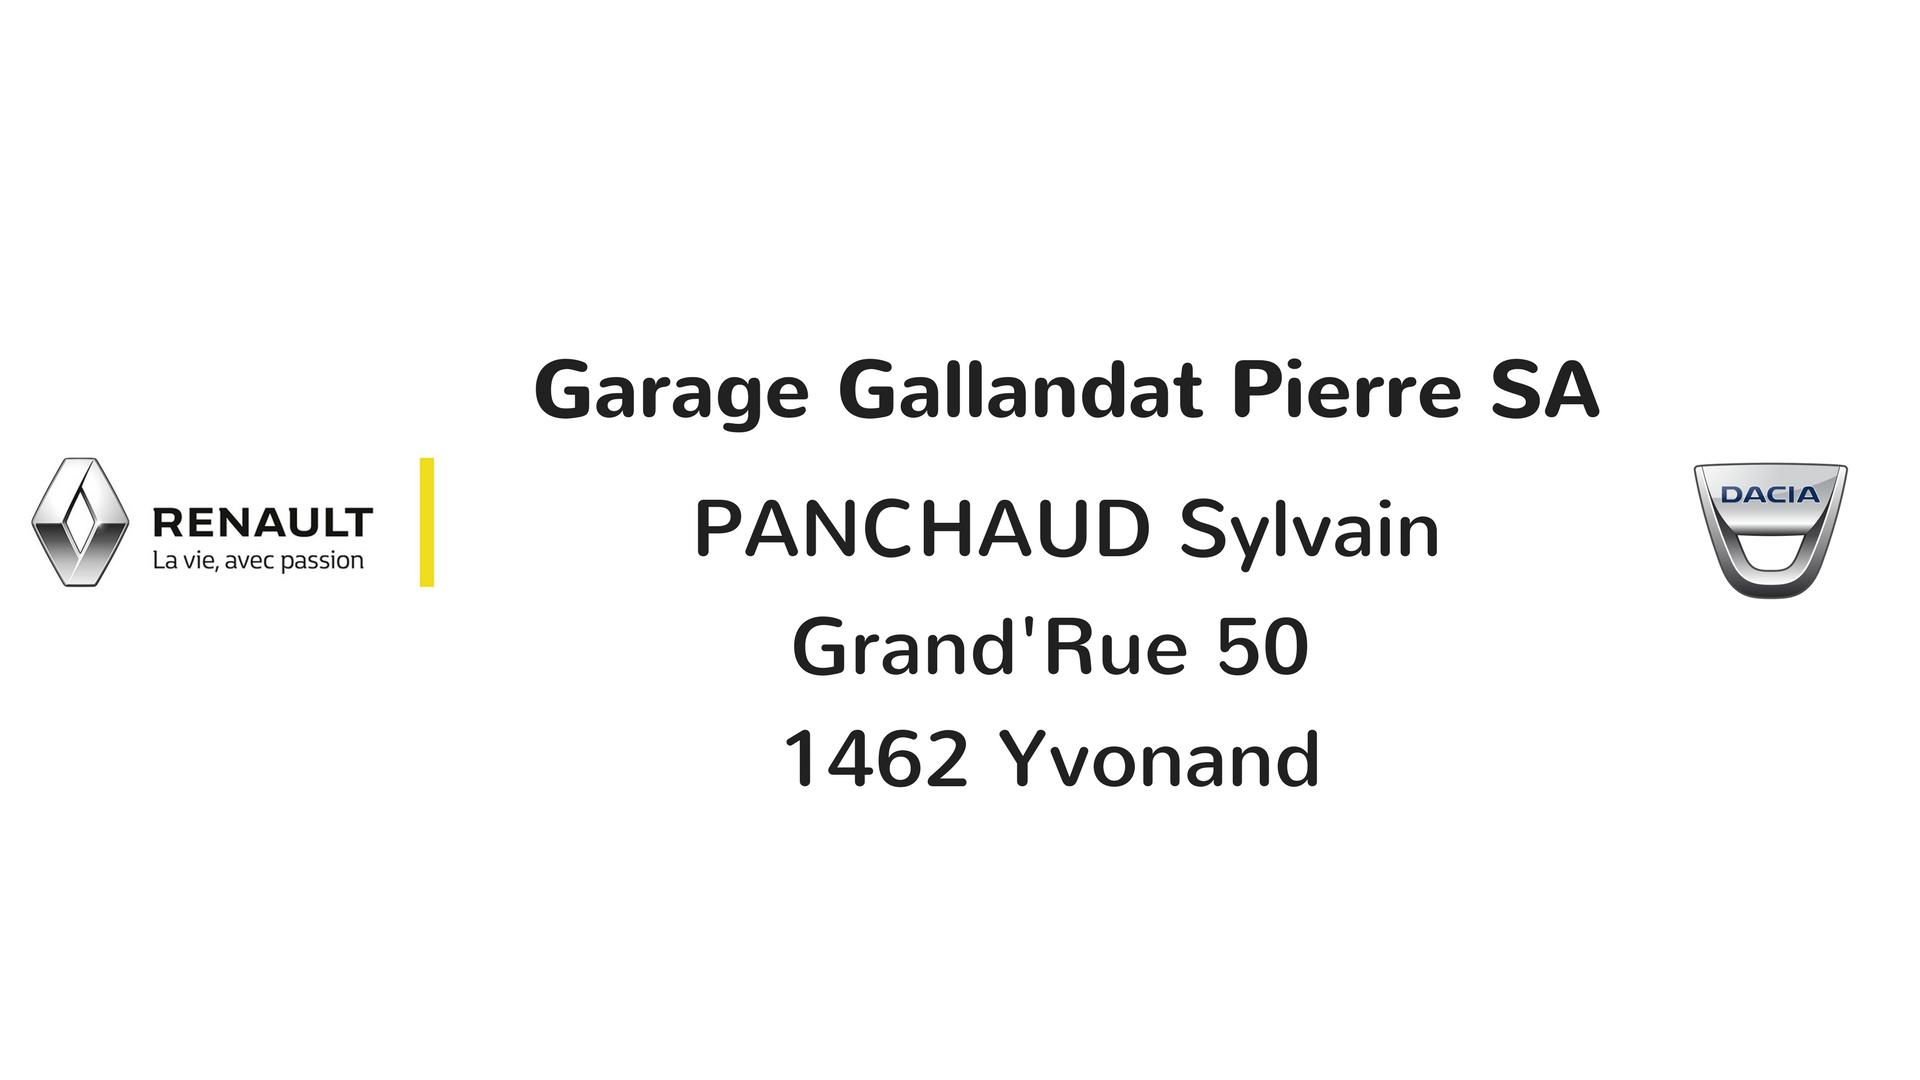 Garage Gallandat Pierre SA